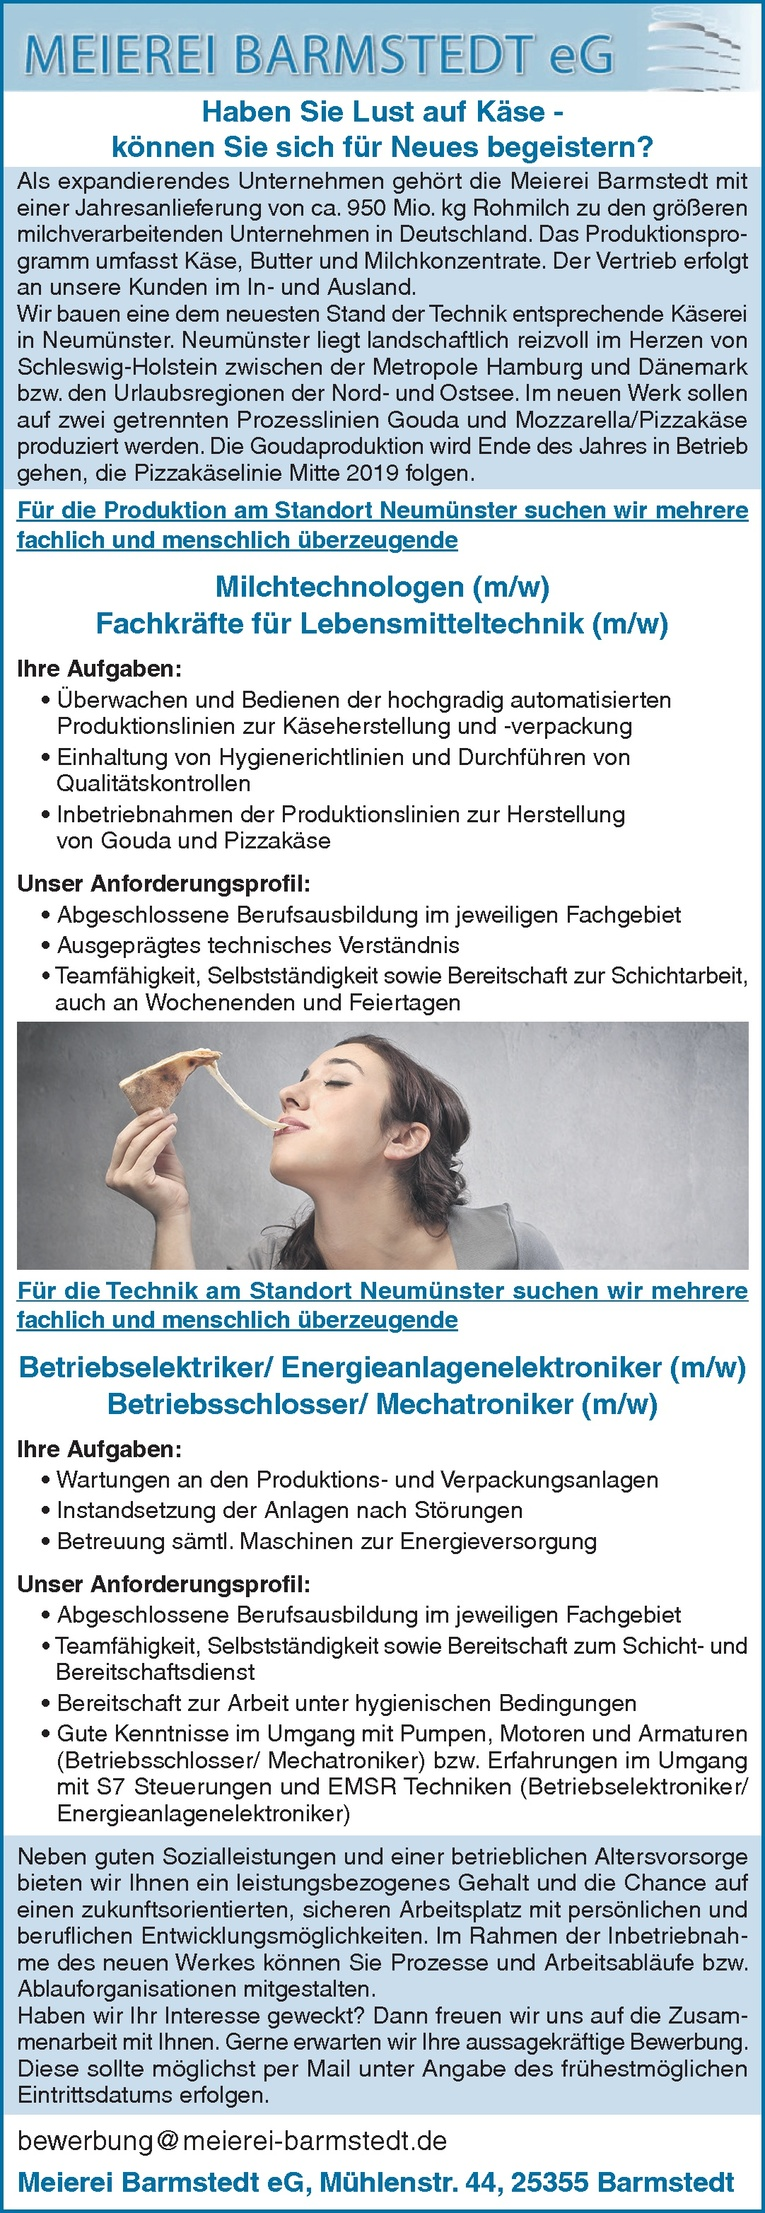 Fachkräfte für Lebensmitteltechnik (m/w)